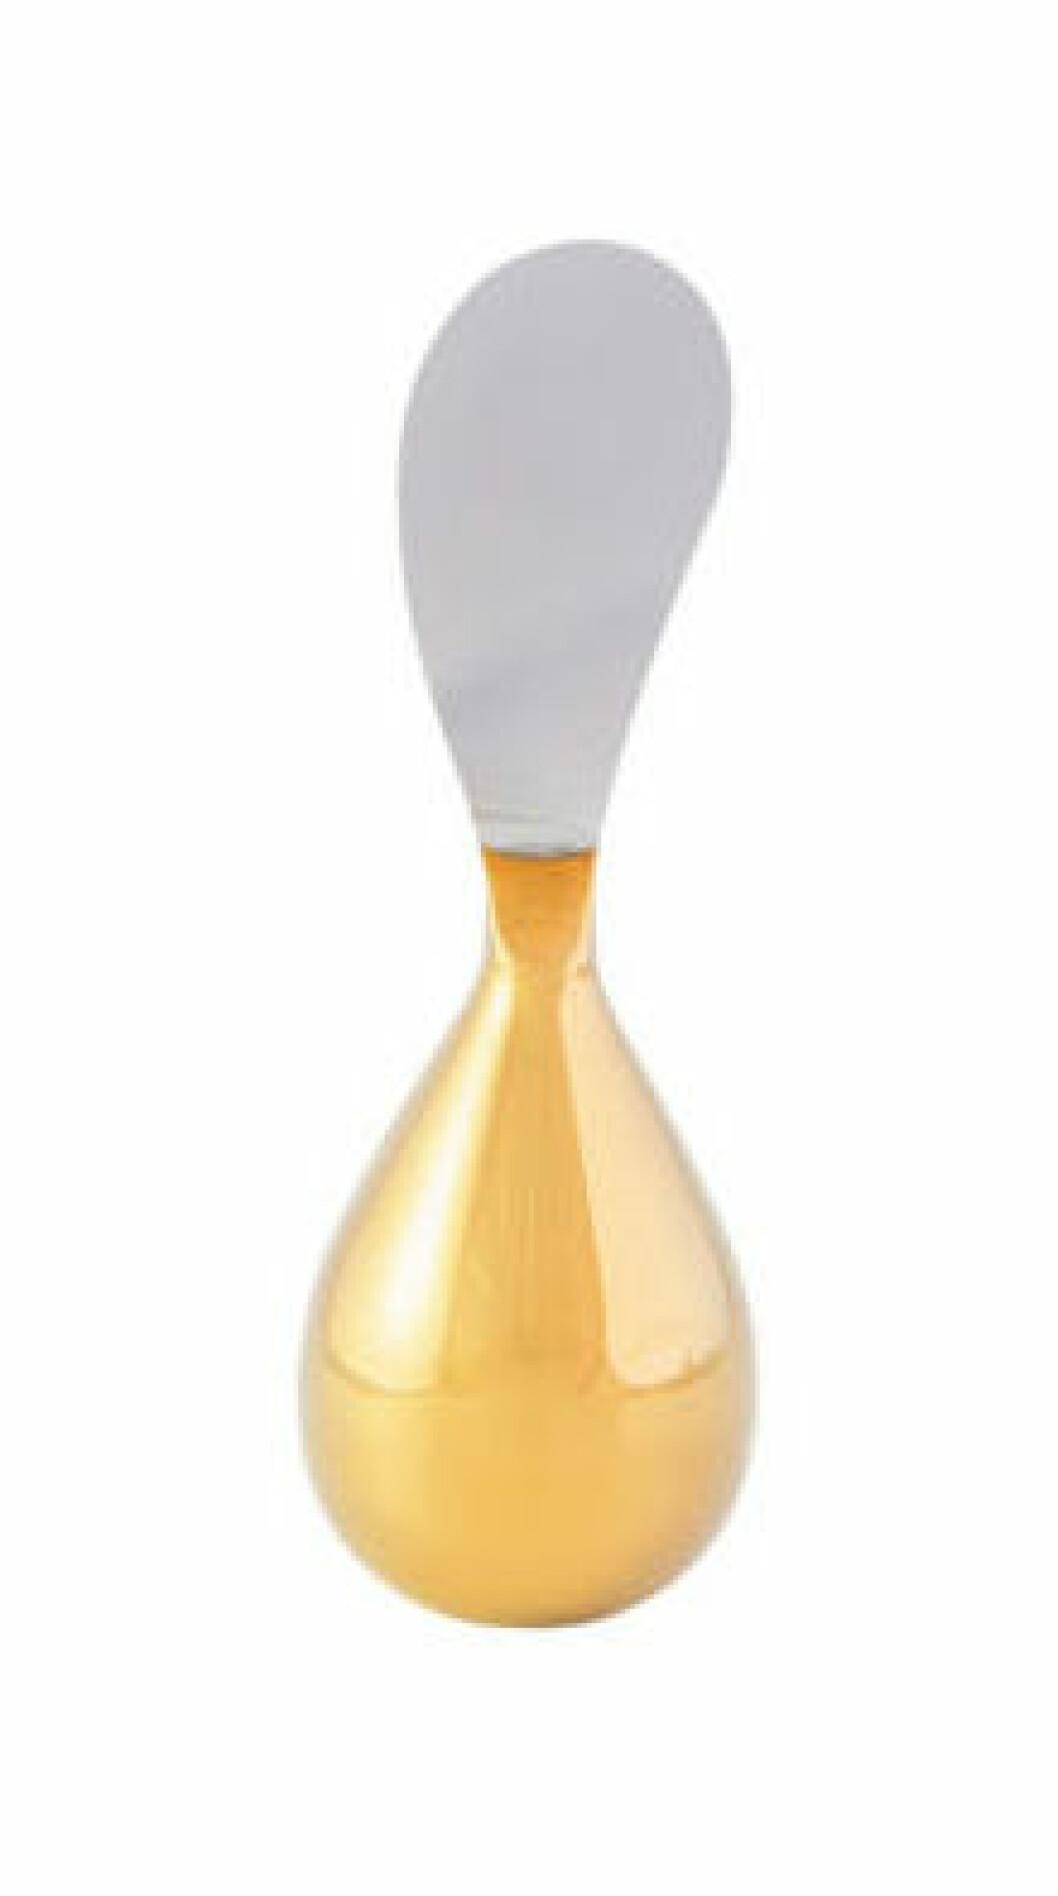 Klongs dekorativa smörkniv Tilt som både är nödvändig och fin som en detalj på köksbordet.